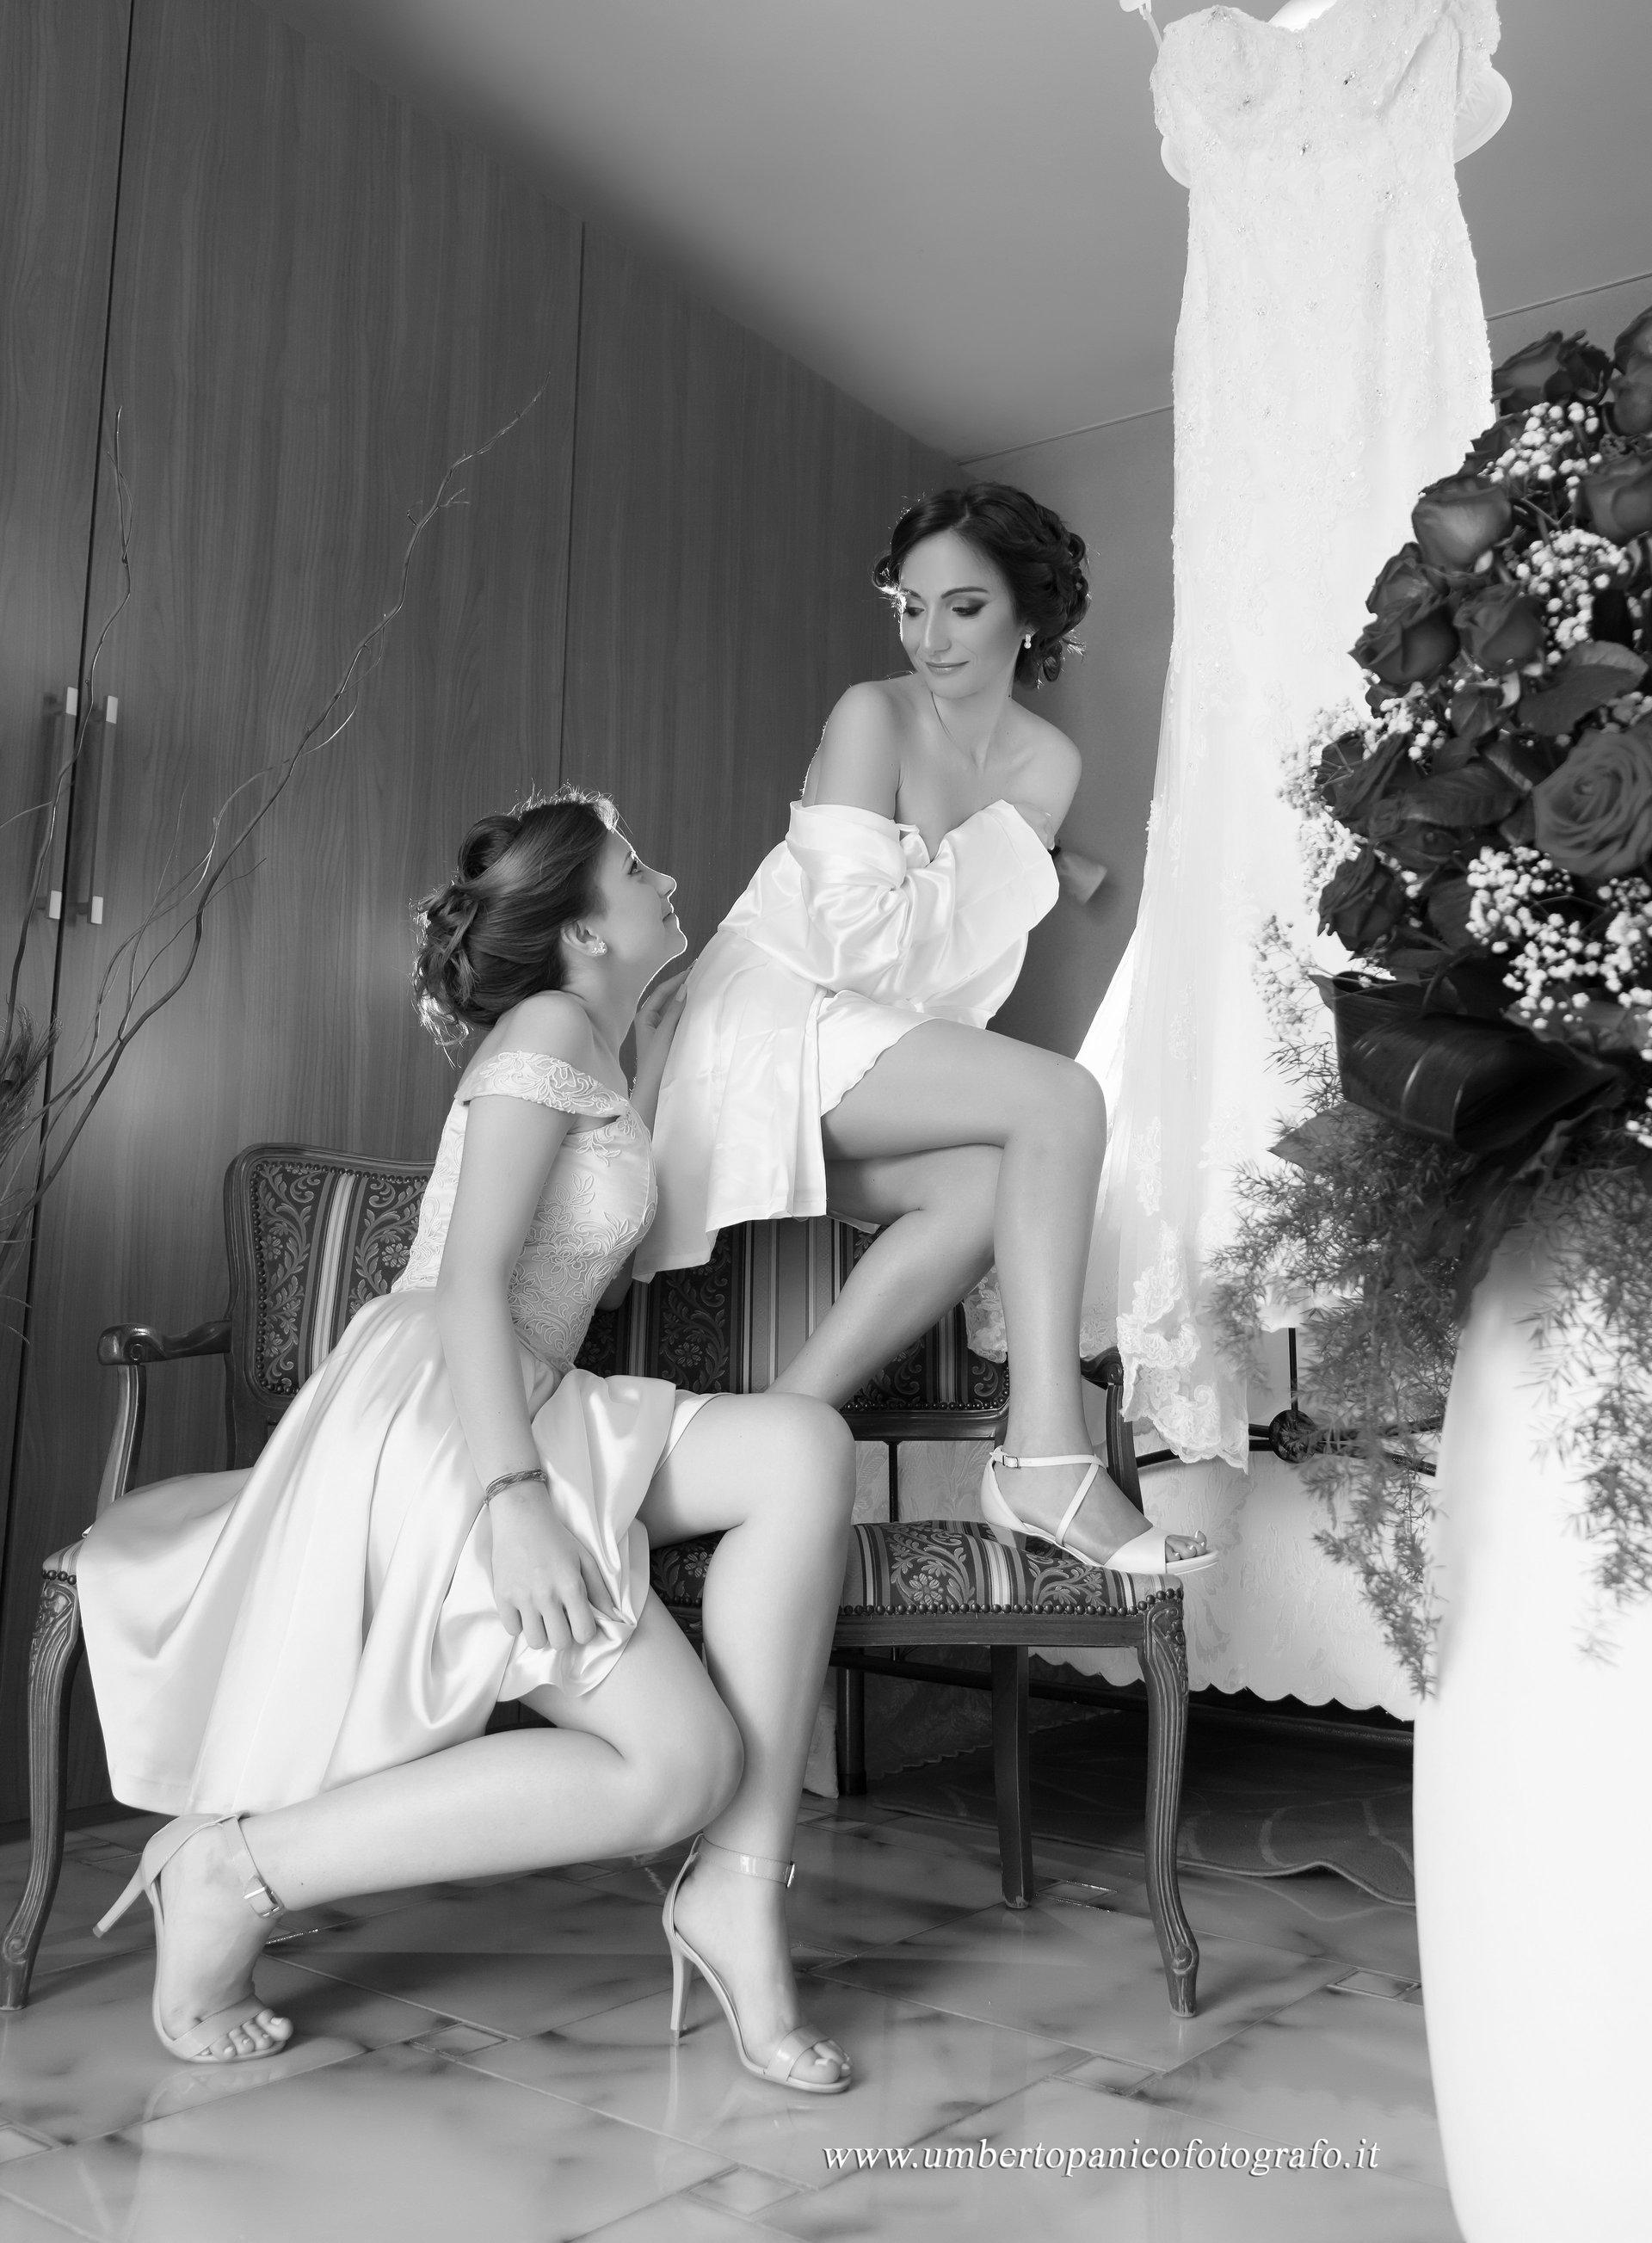 foto in bianco e nero di due ragazze